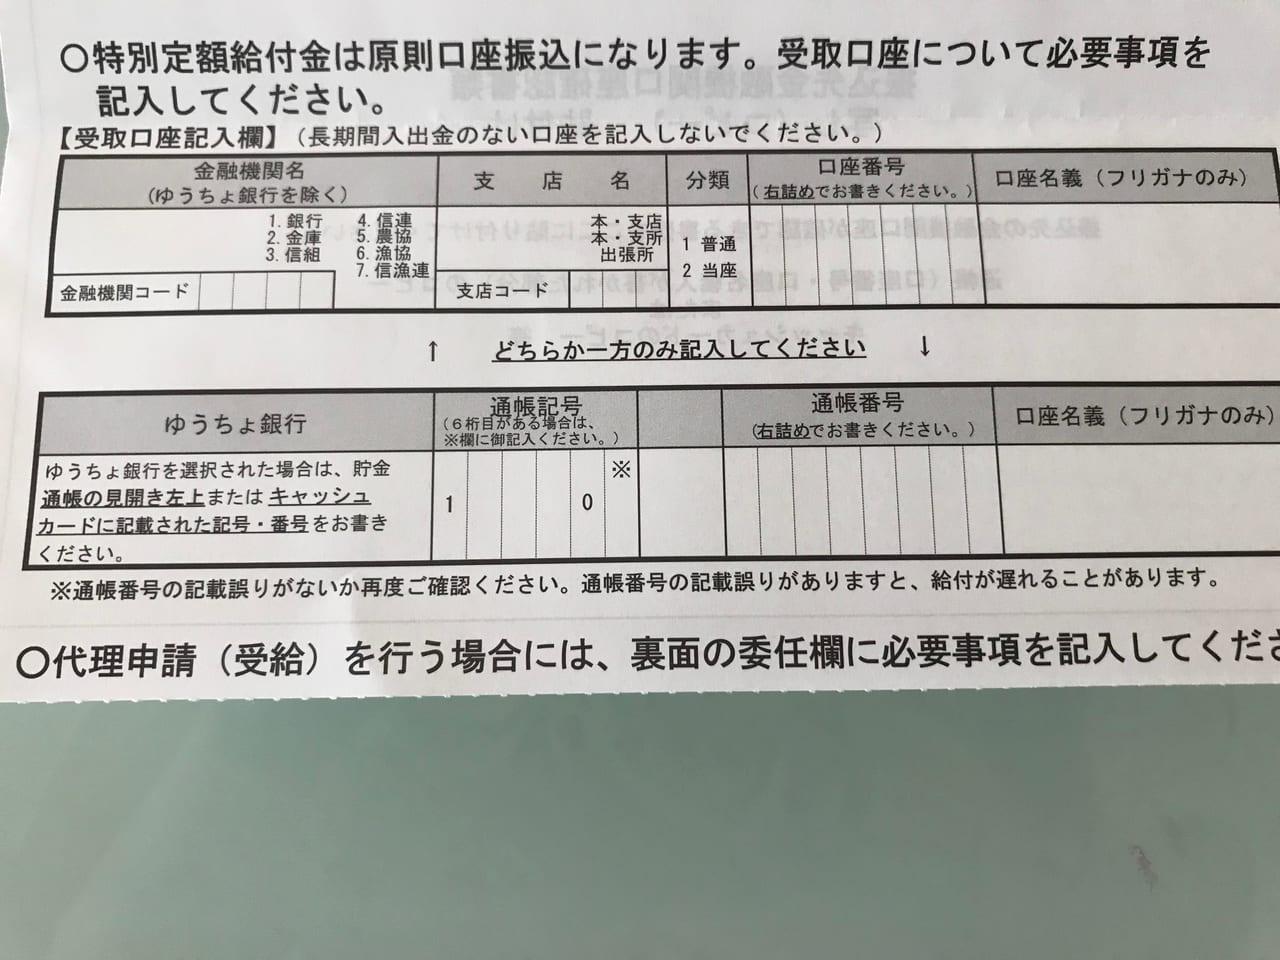 横浜市特別定額給付金